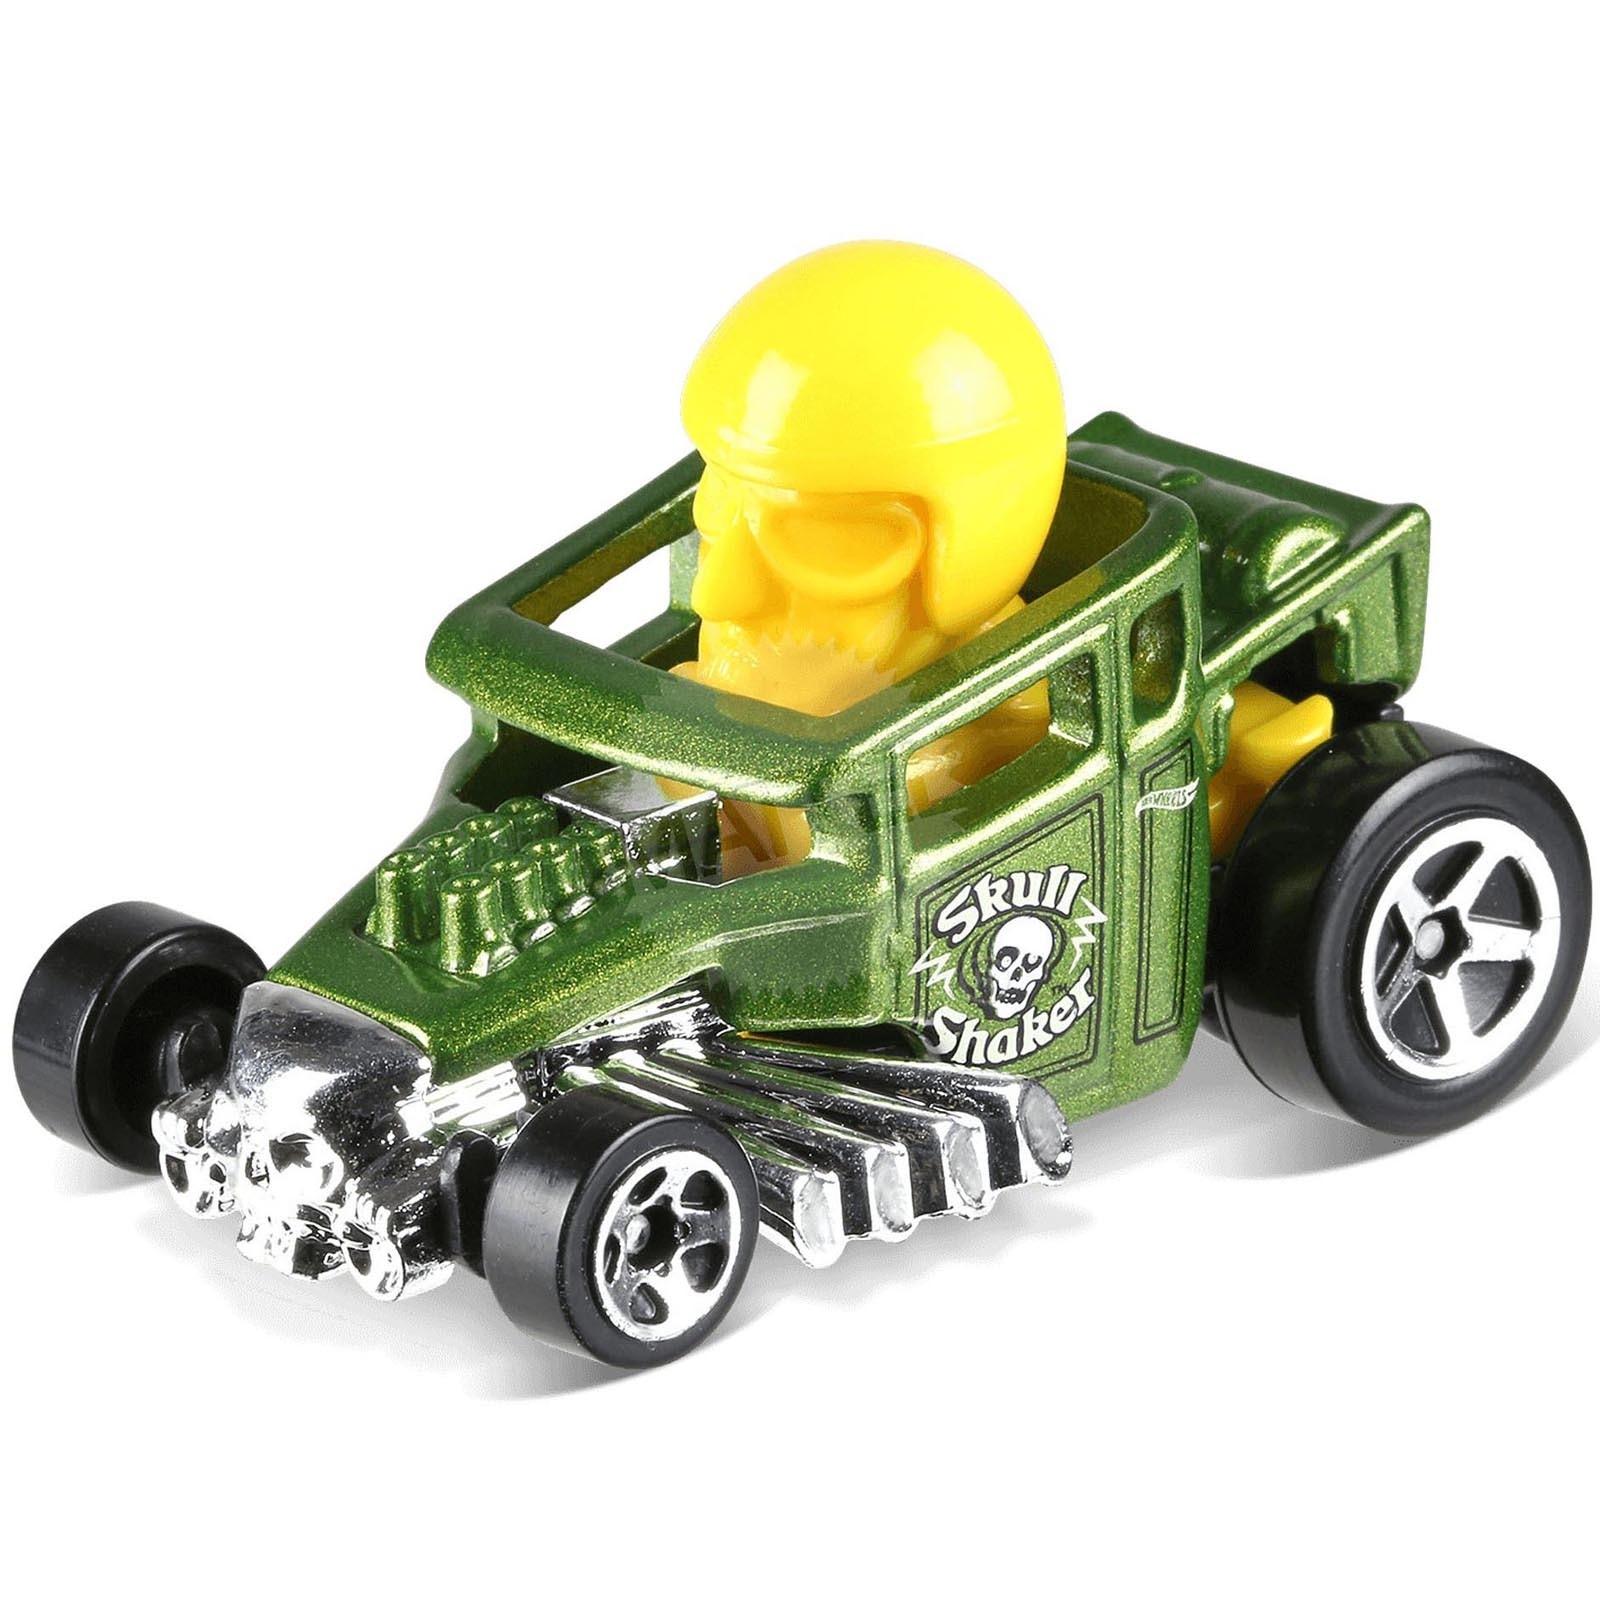 Hot Wheels - Skull Shaker - FJV73